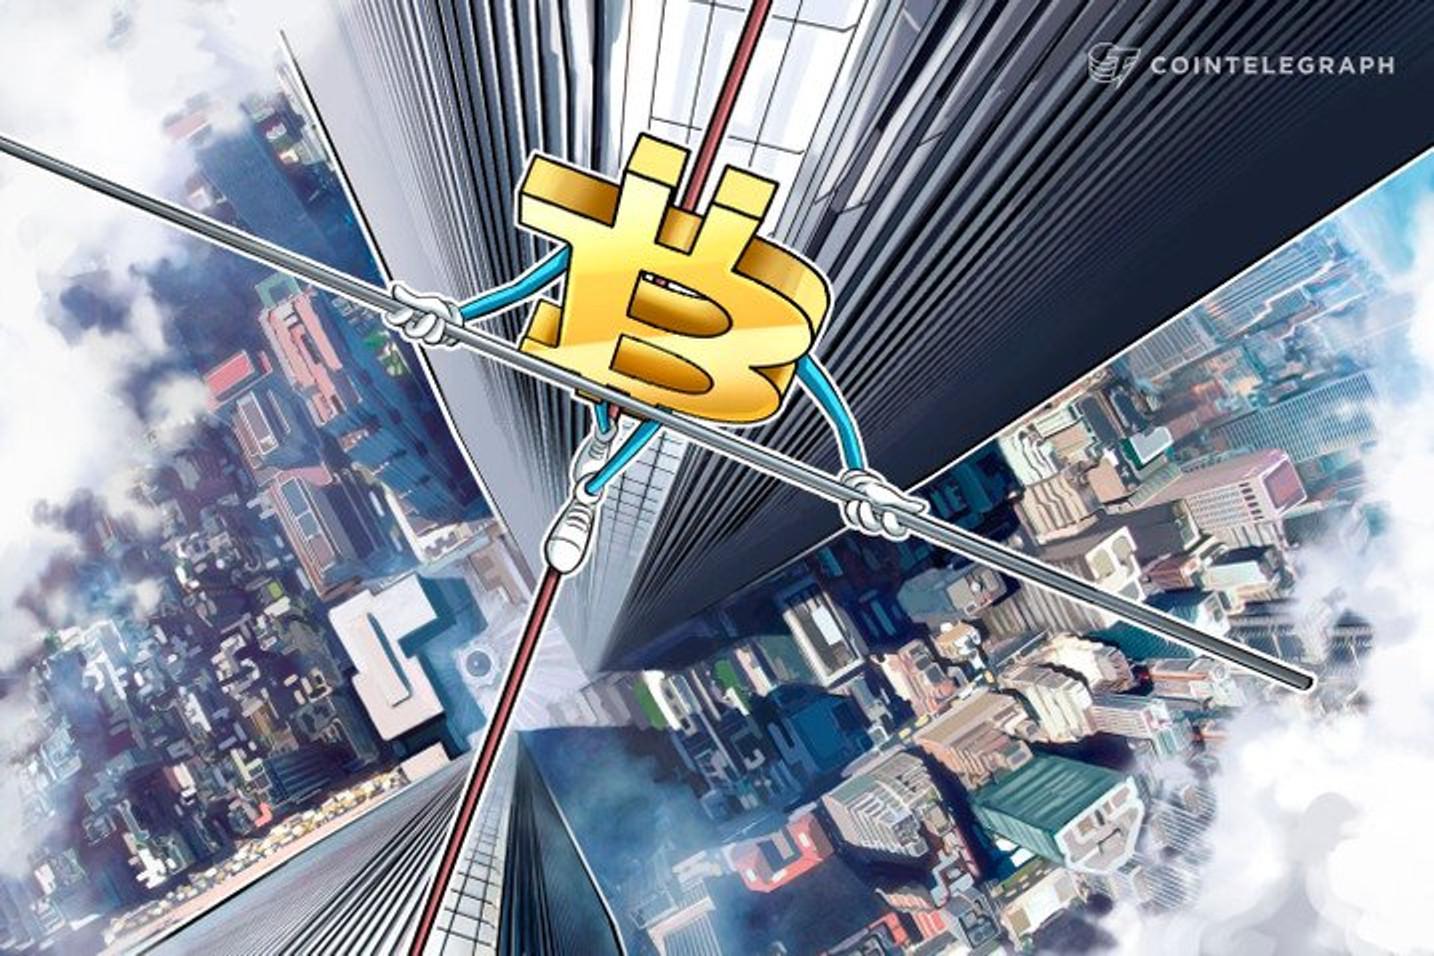 'Bitcoiners são como amebas: pensam de forma binária', ataca economista Nassim Nicholas Taleb